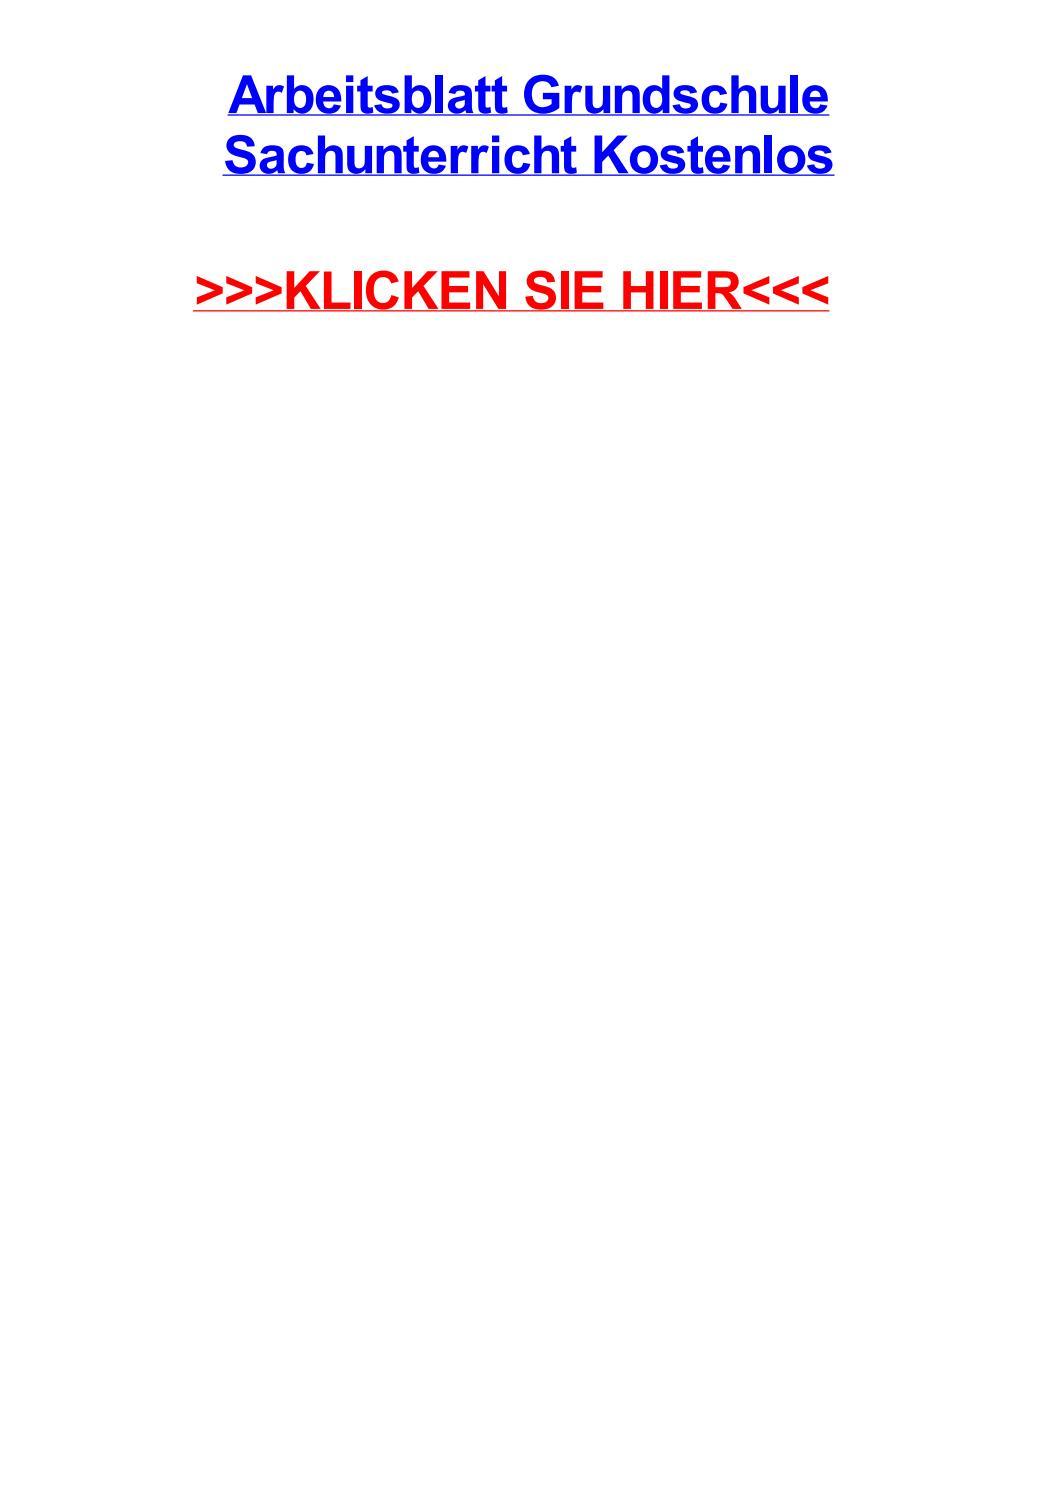 Großzügig Mieteinnahmen Berechnung Arbeitsblatt Zeitgenössisch ...